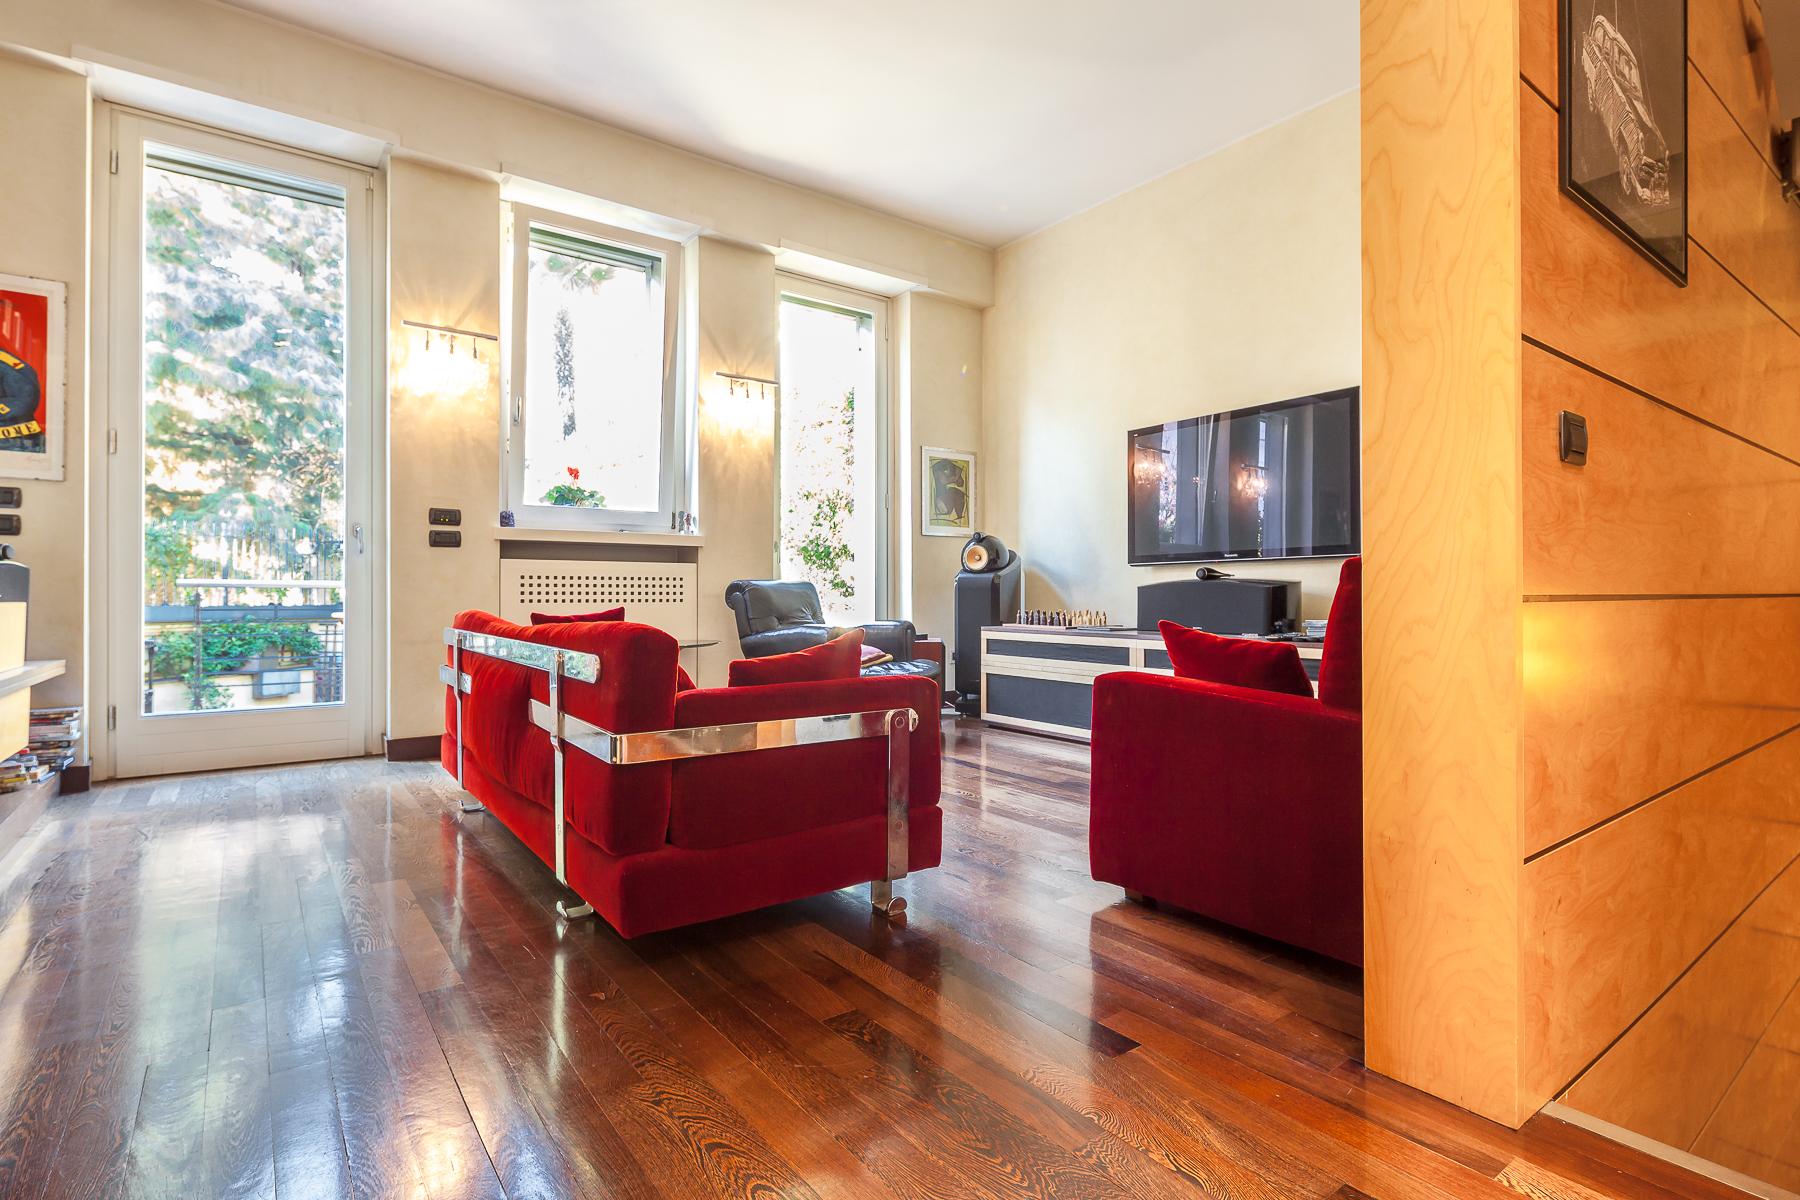 Villa in Vendita a Milano: 5 locali, 270 mq - Foto 4